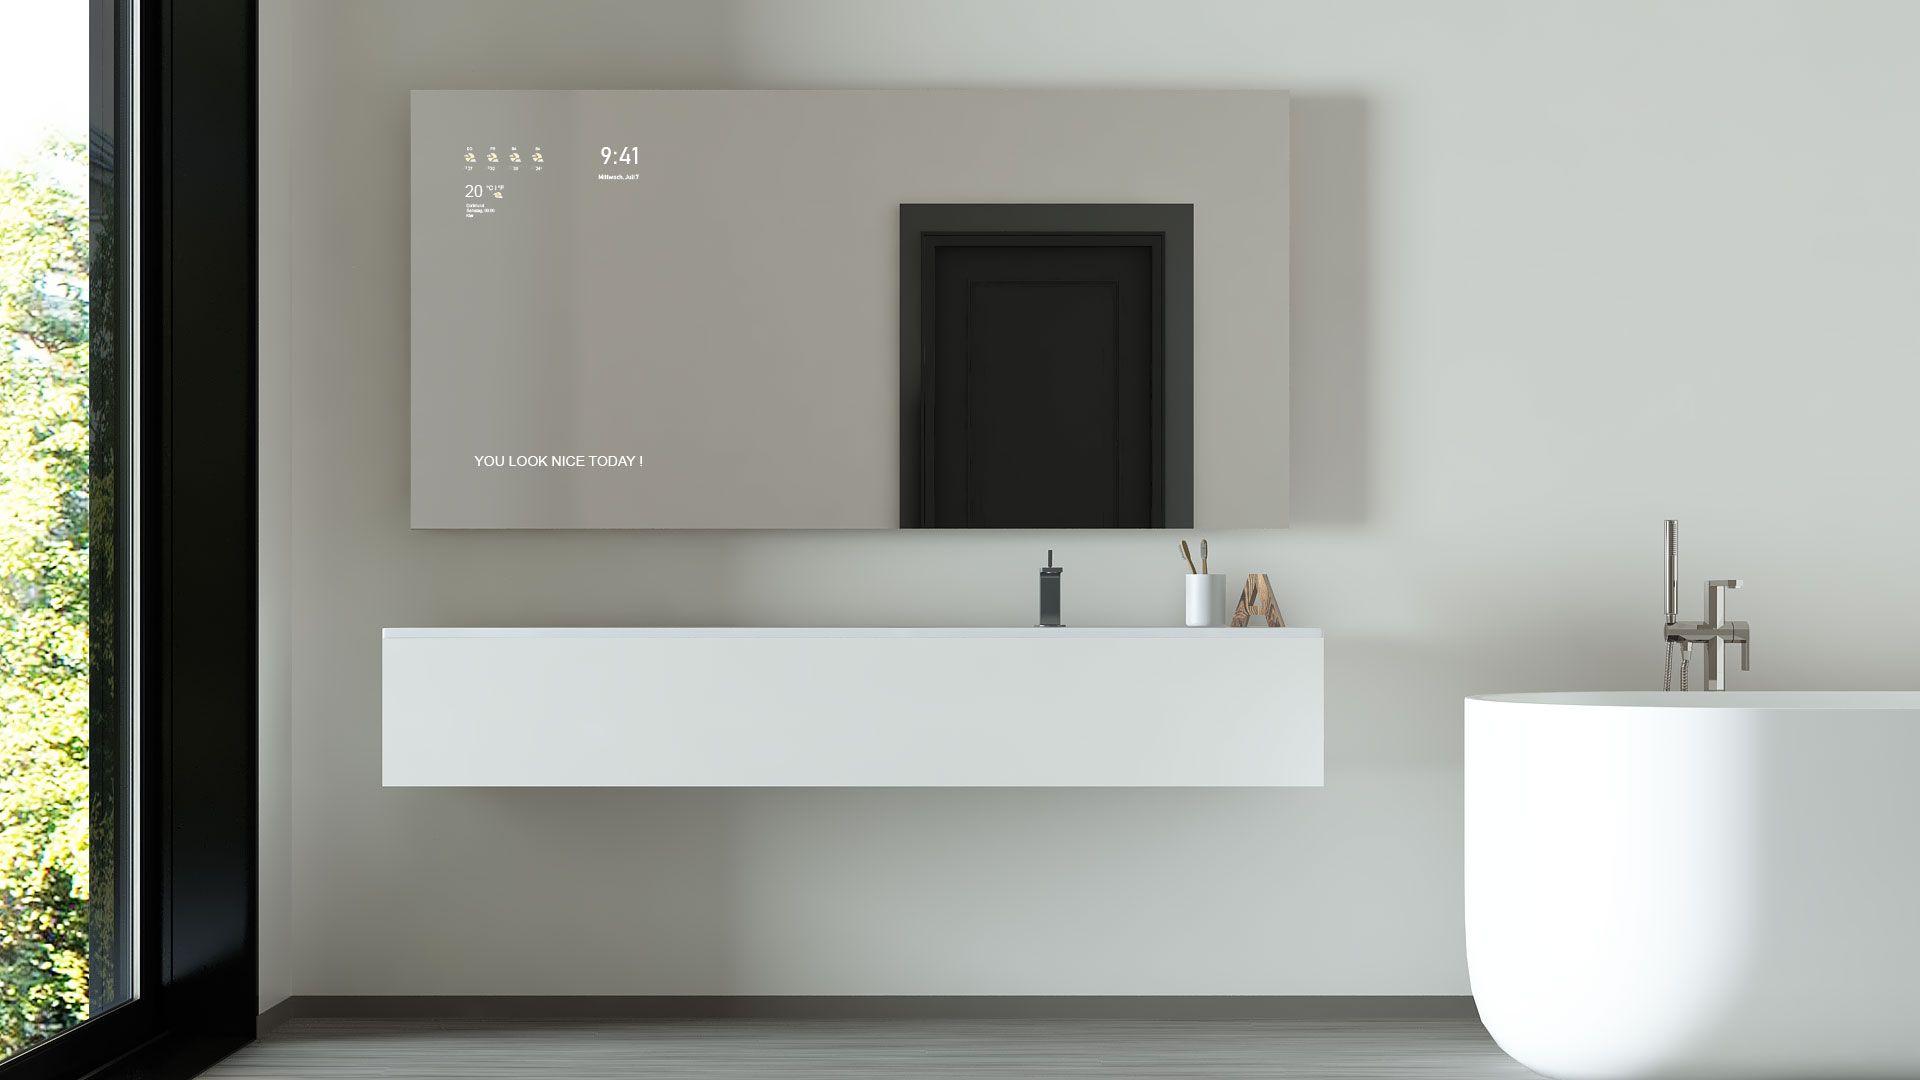 Runder Led Lichtspiegel O 60 Cm Mit Hintergrund Beleuchtung Badezimmerspiegel Spiegel Spiegelschrank